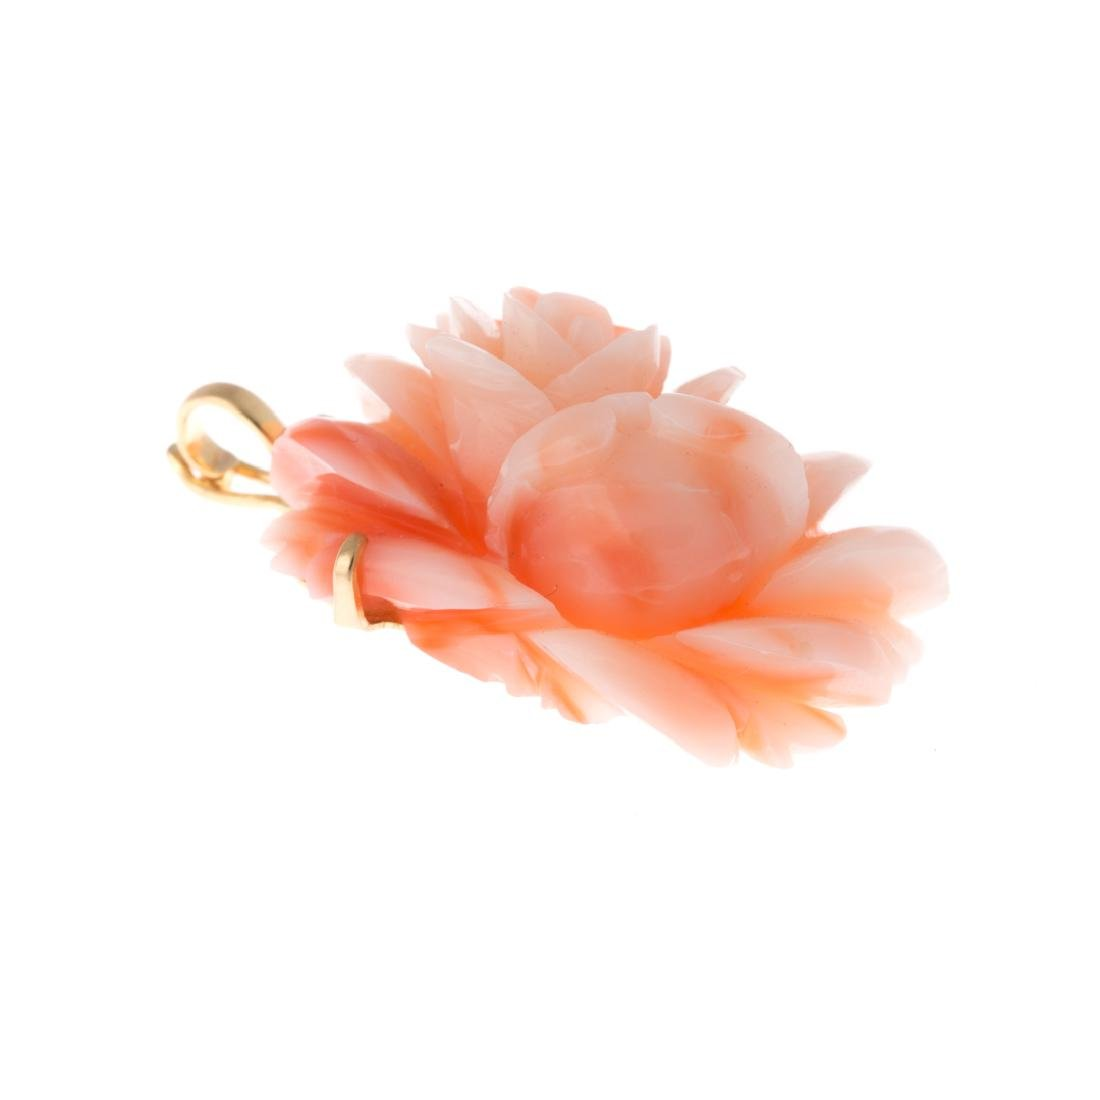 A Lady's Coral Brooch, Pendant & Earrings in 14K - 3